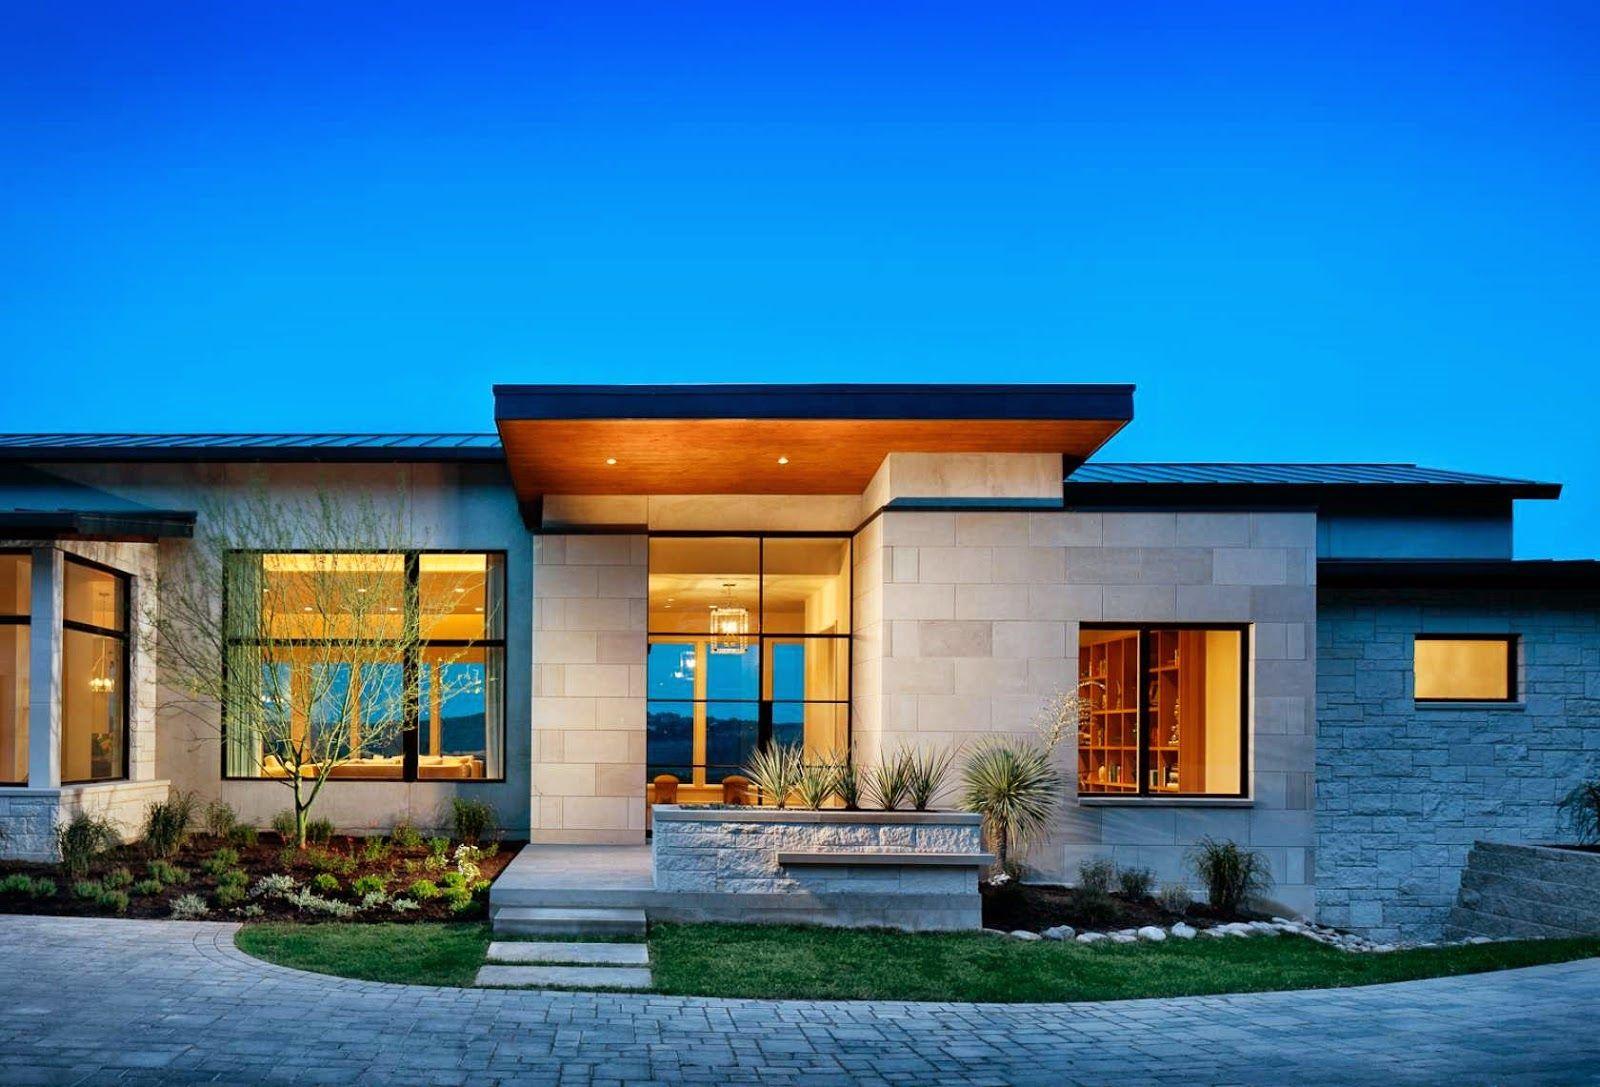 Ver fotos de casas bonitas escoja y vote por sus fotos de for Fotos de casas modernas y sus planos